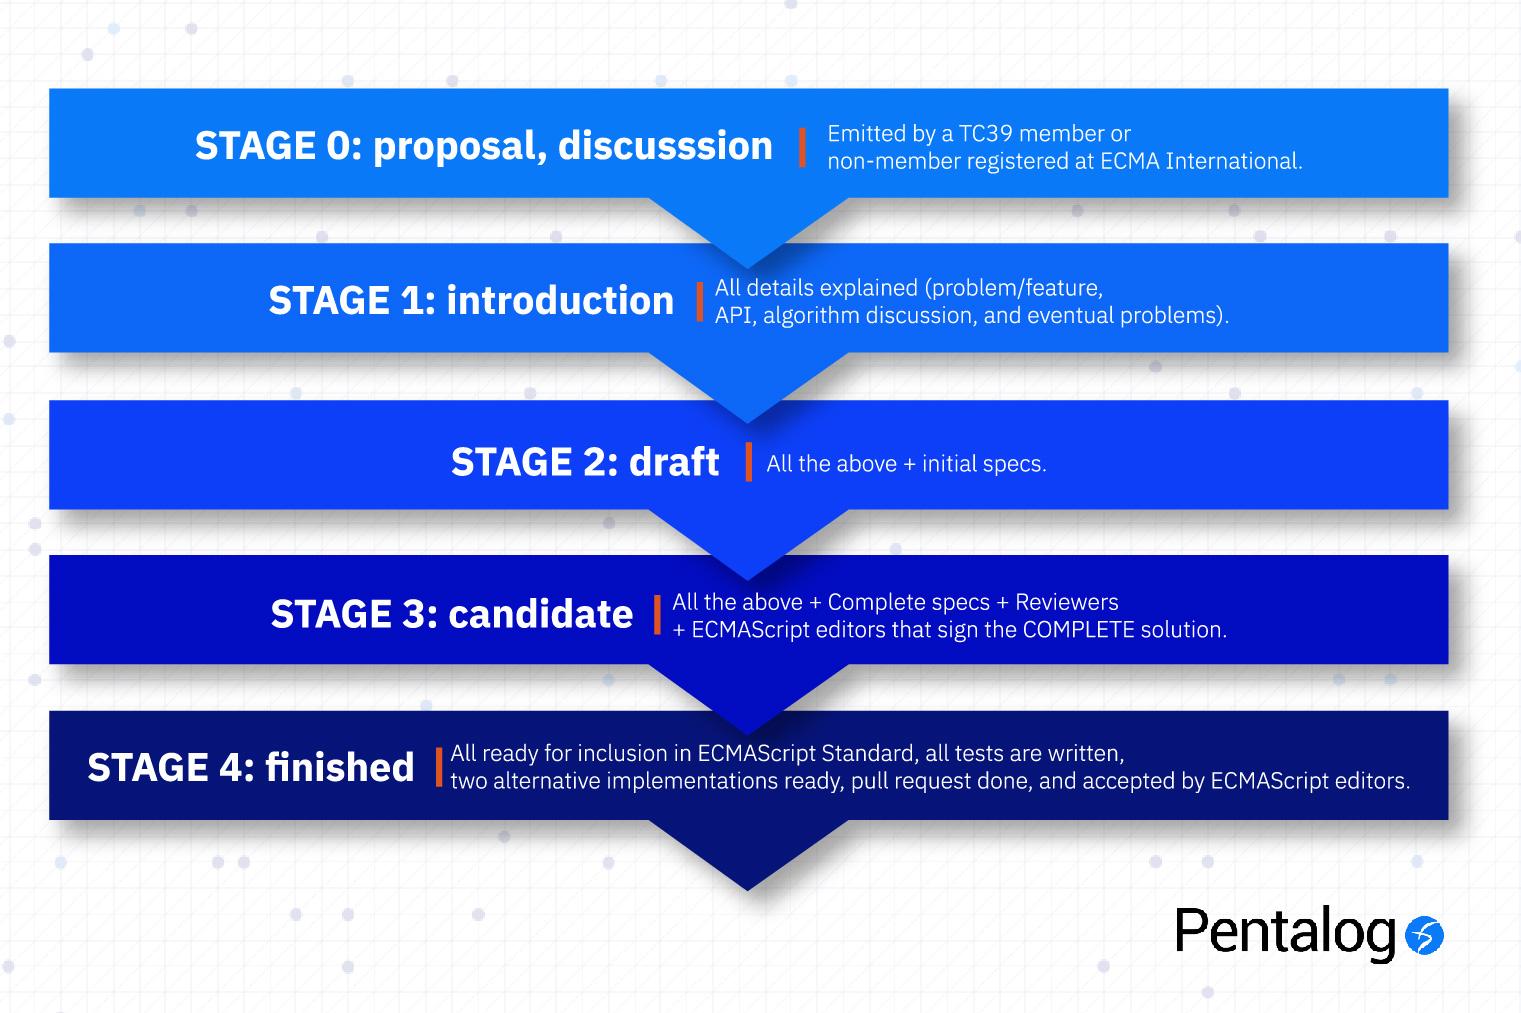 ecmascript versions - stages